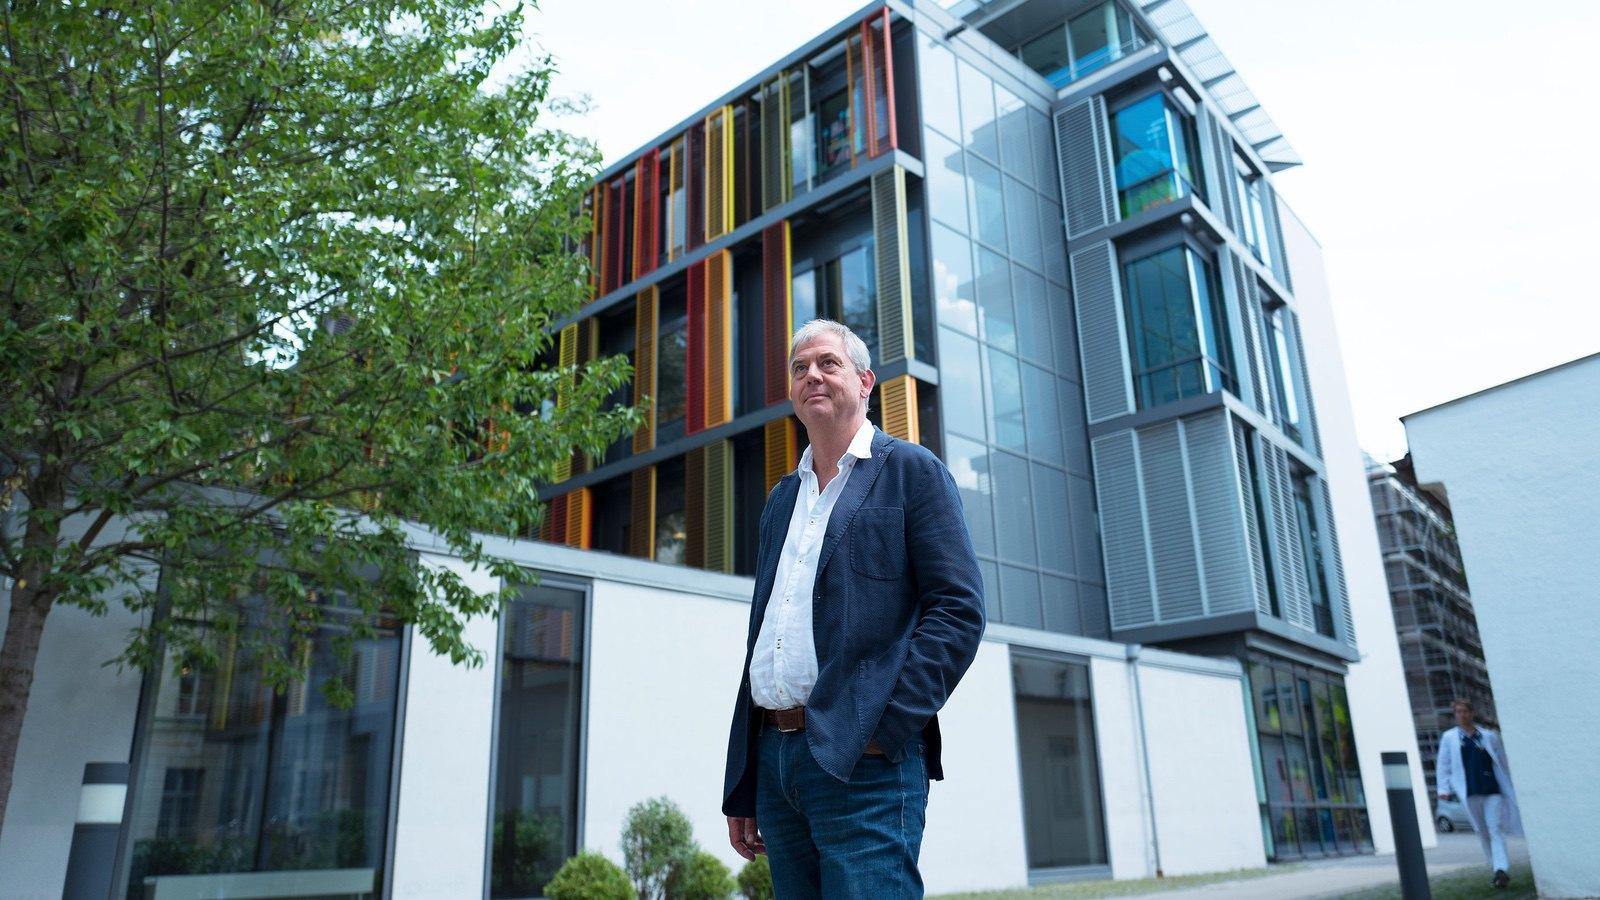 Prof. Gerd Schulte-Körne leitet die Kinder- und Jugendpsychiatrie der LMU